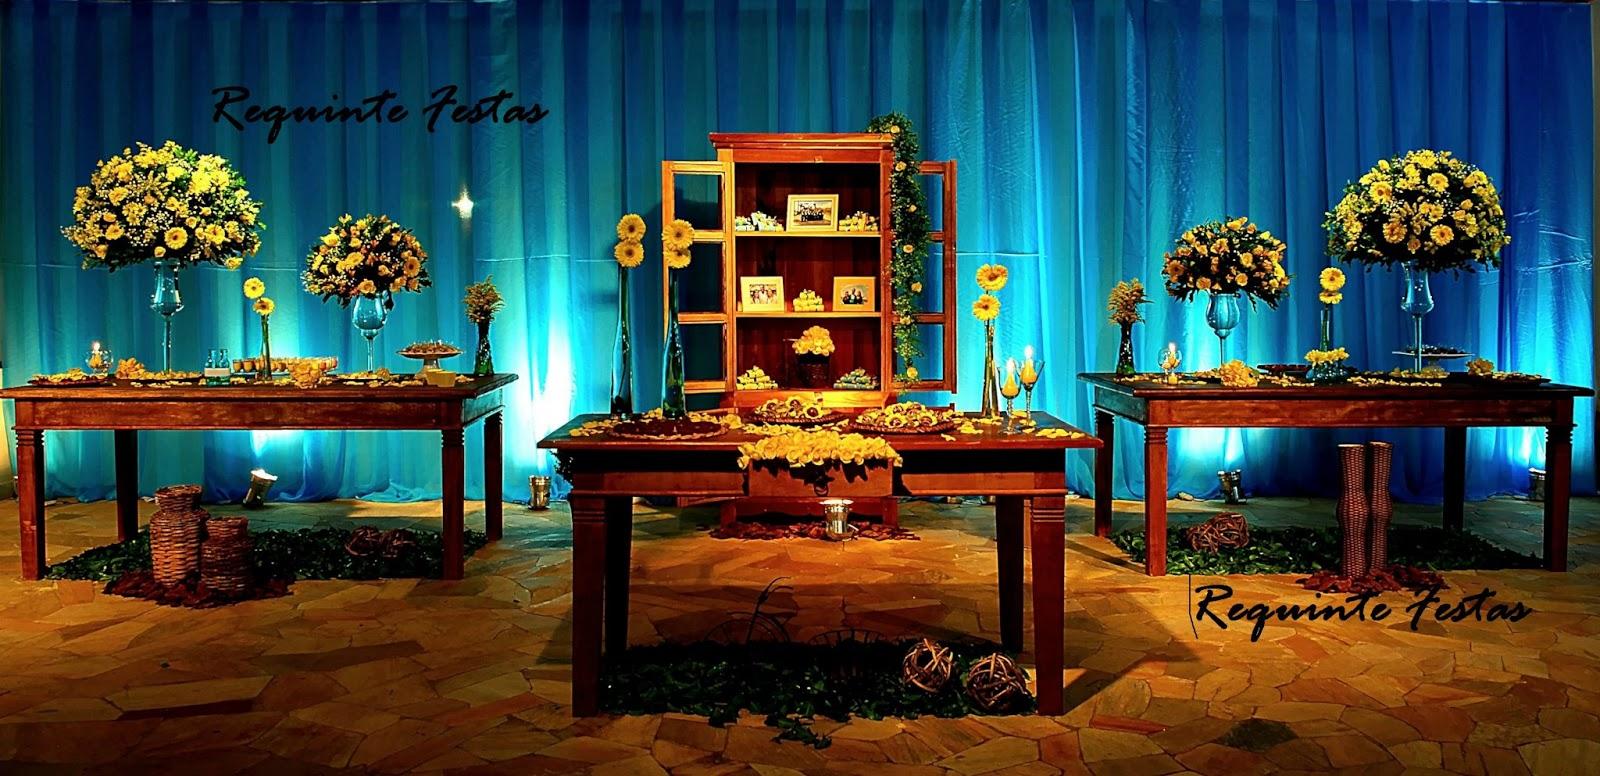 decoracao rustica : decoracao rustica azul e amarelo:REQUINTE FESTAS buffet classe?A ...